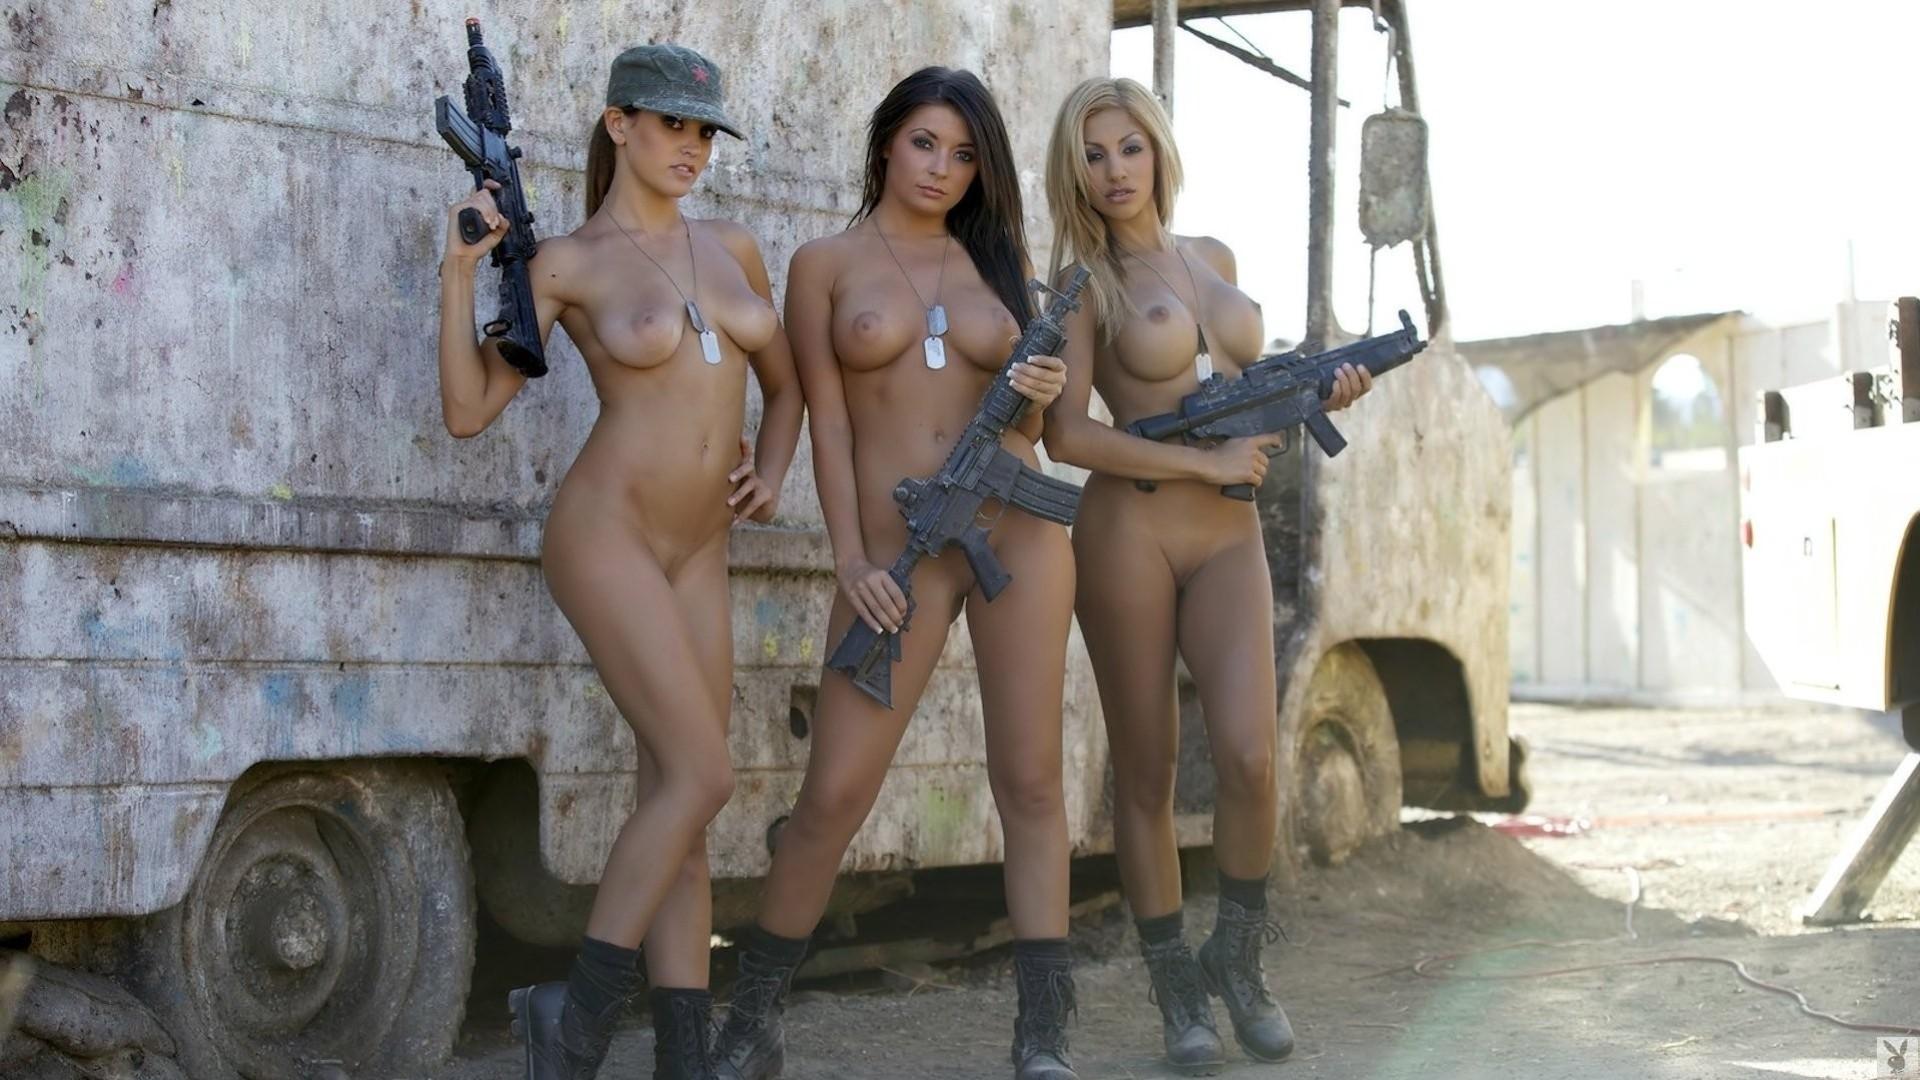 plachet-foto-erotika-kamuflyazh-realniy-sayt